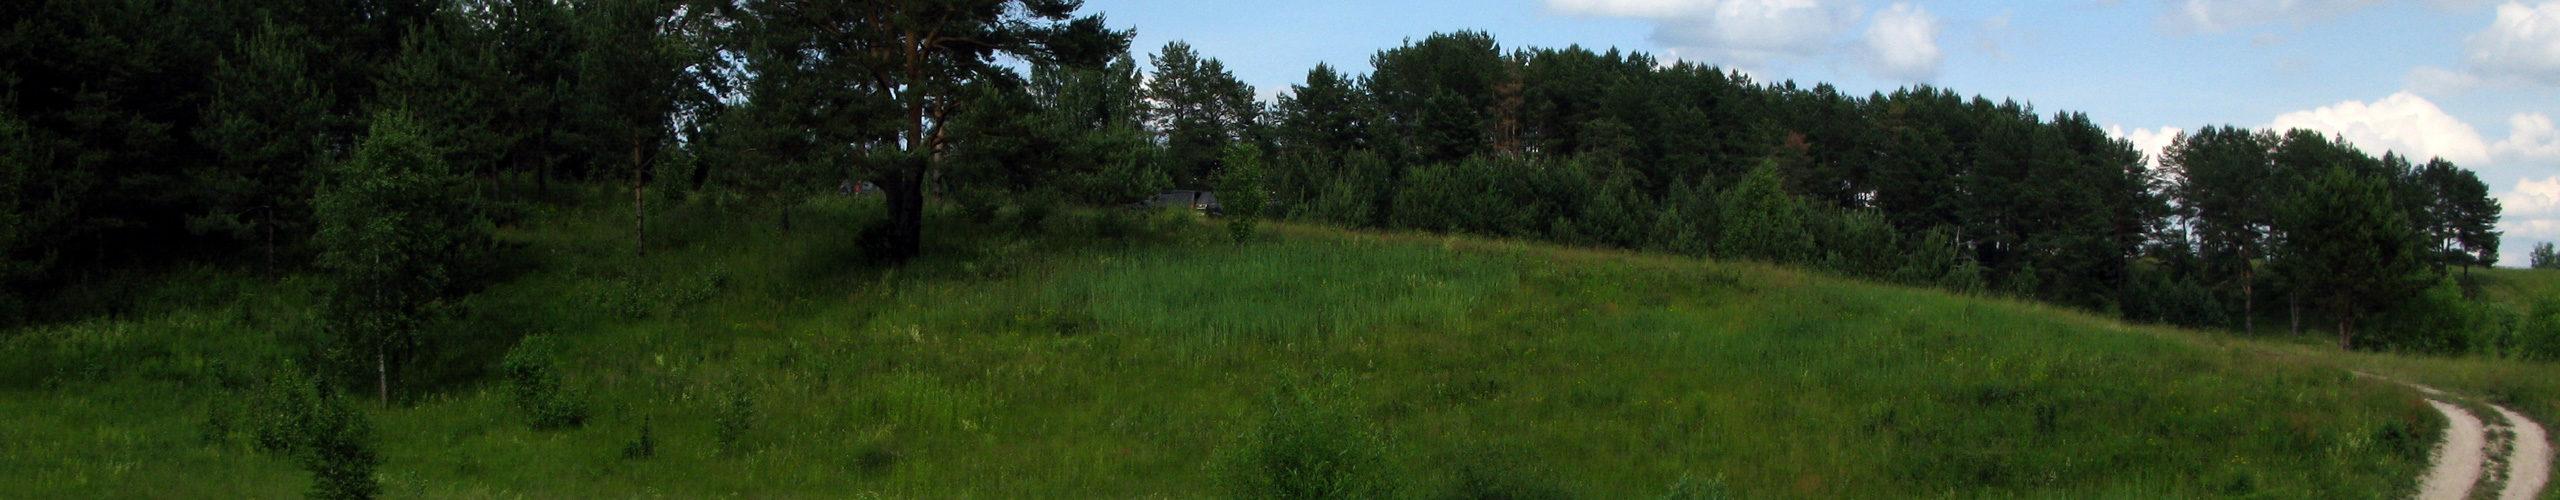 Супоневское сельское поселение